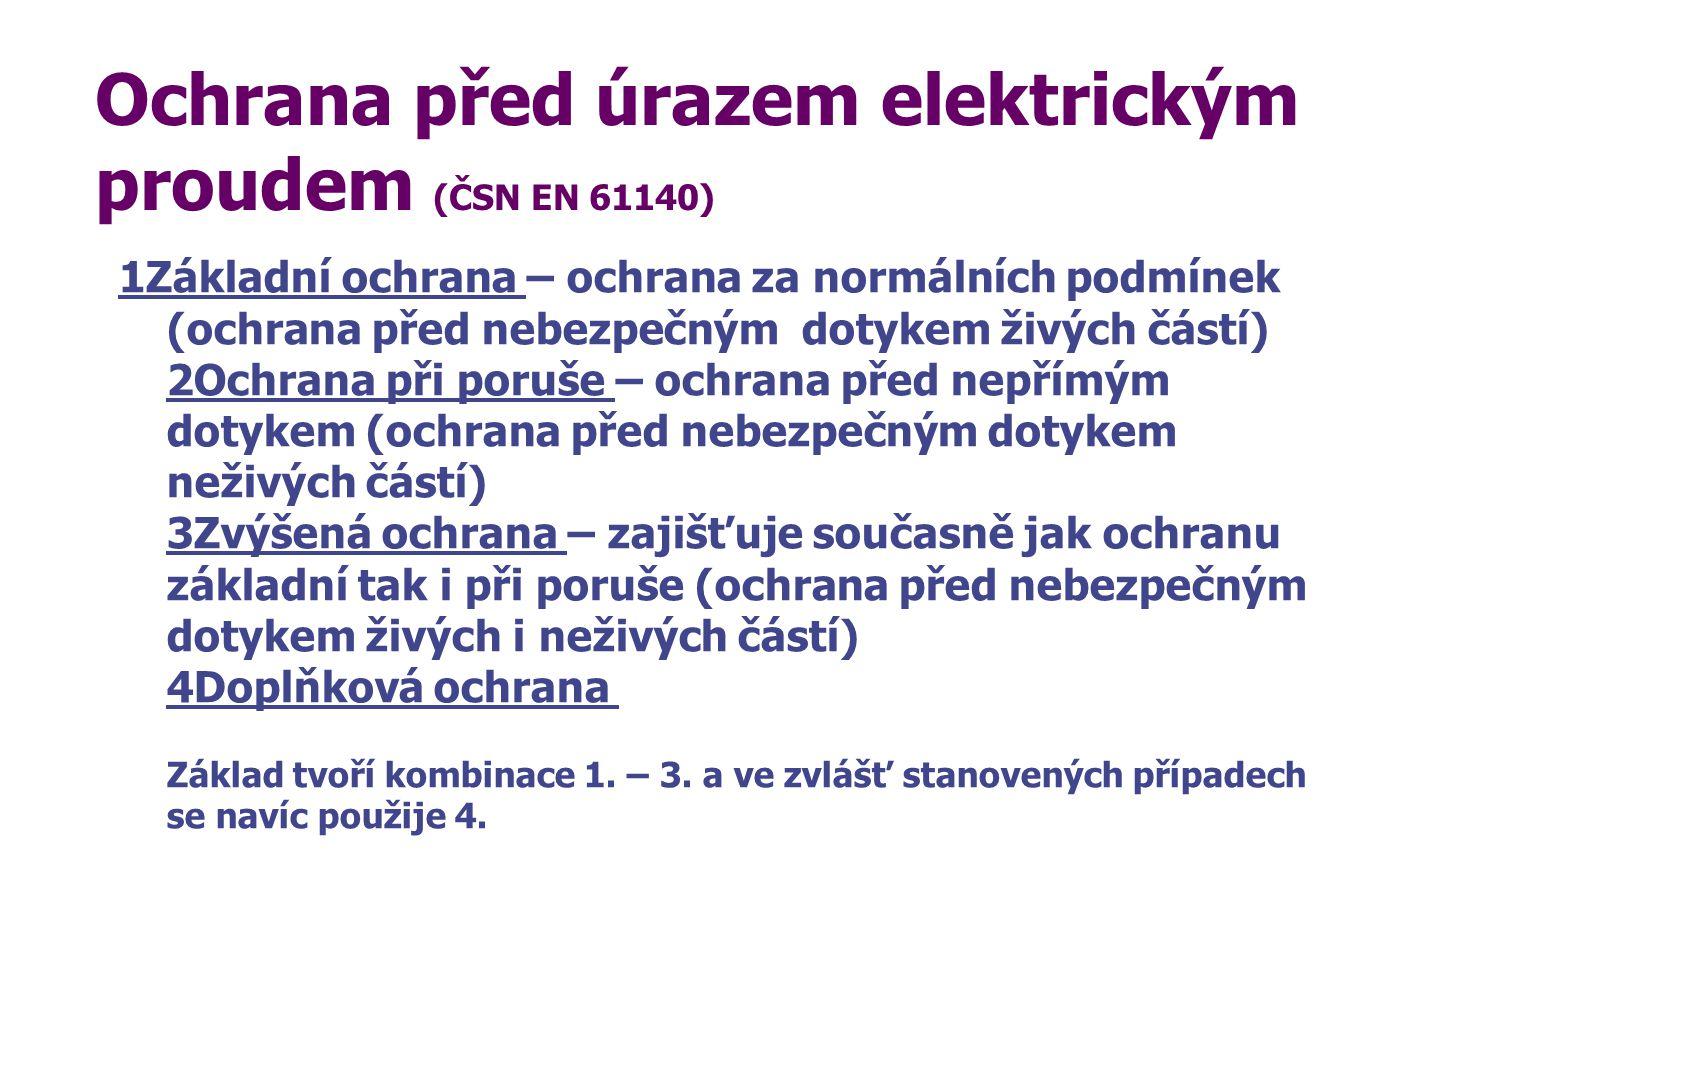 Ochrana před úrazem elektrickým proudem (ČSN EN 61140) 1Základní ochrana – ochrana za normálních podmínek (ochrana před nebezpečným dotykem živých čás